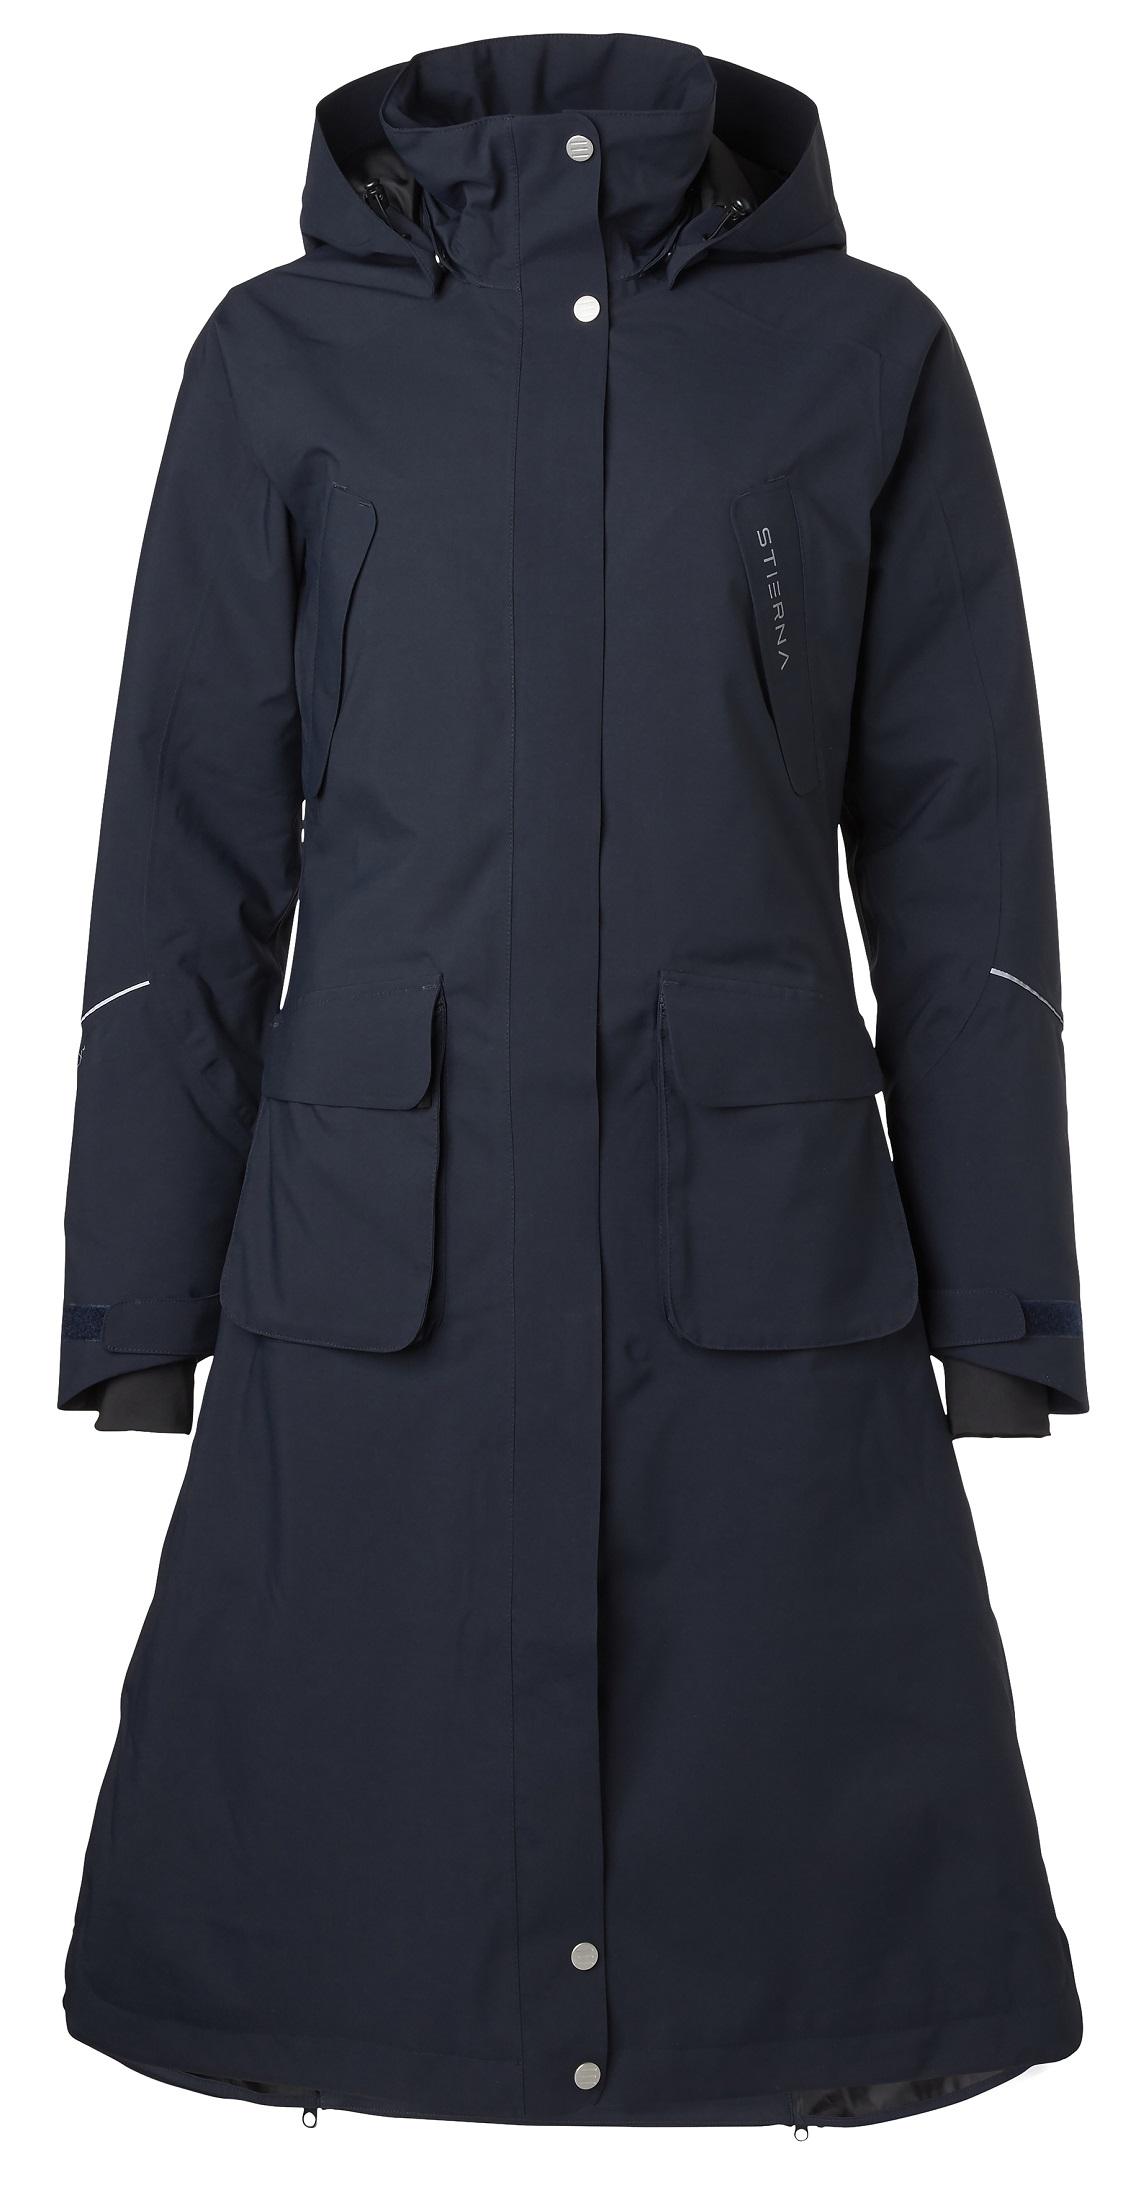 stella winter coat. Black Bedroom Furniture Sets. Home Design Ideas